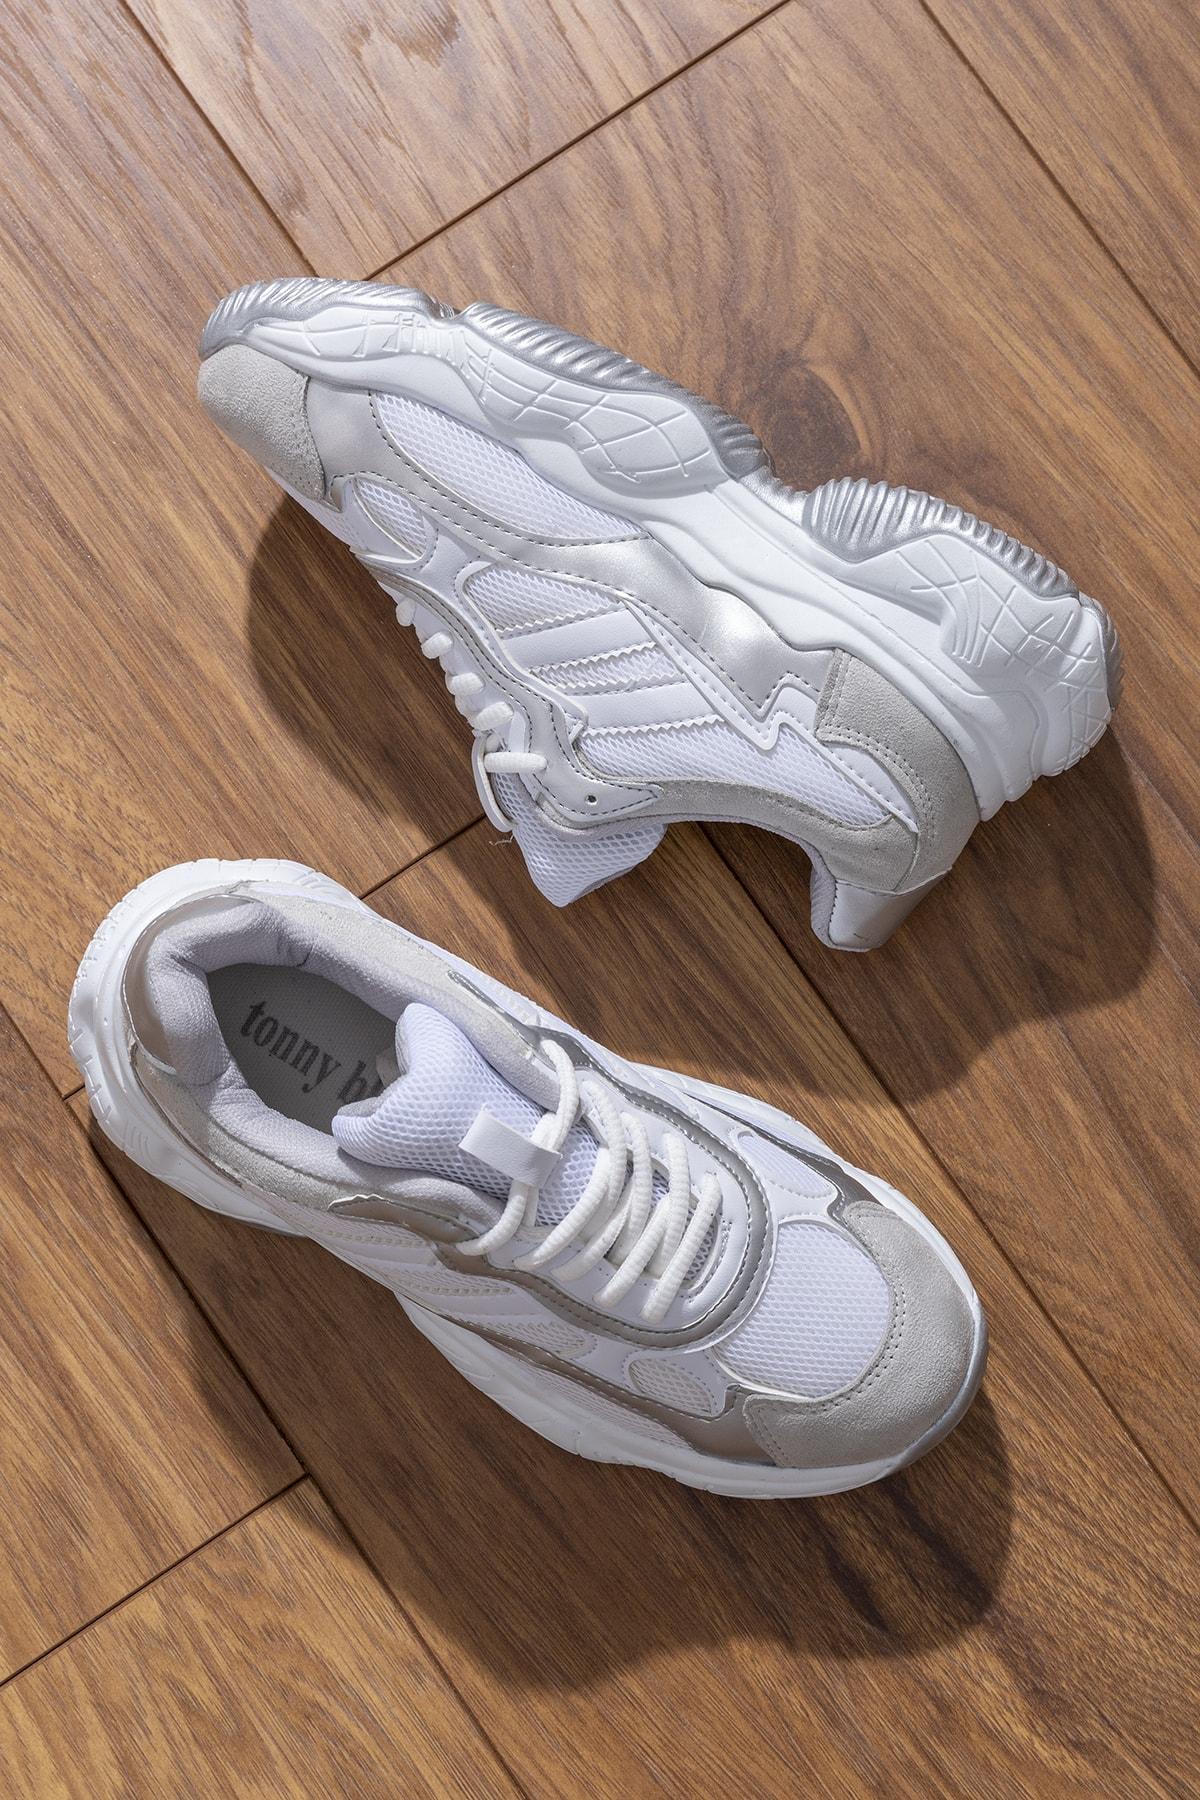 Tonny Black Kadın Spor Ayakkabı Beyaz Gri Tb246 1